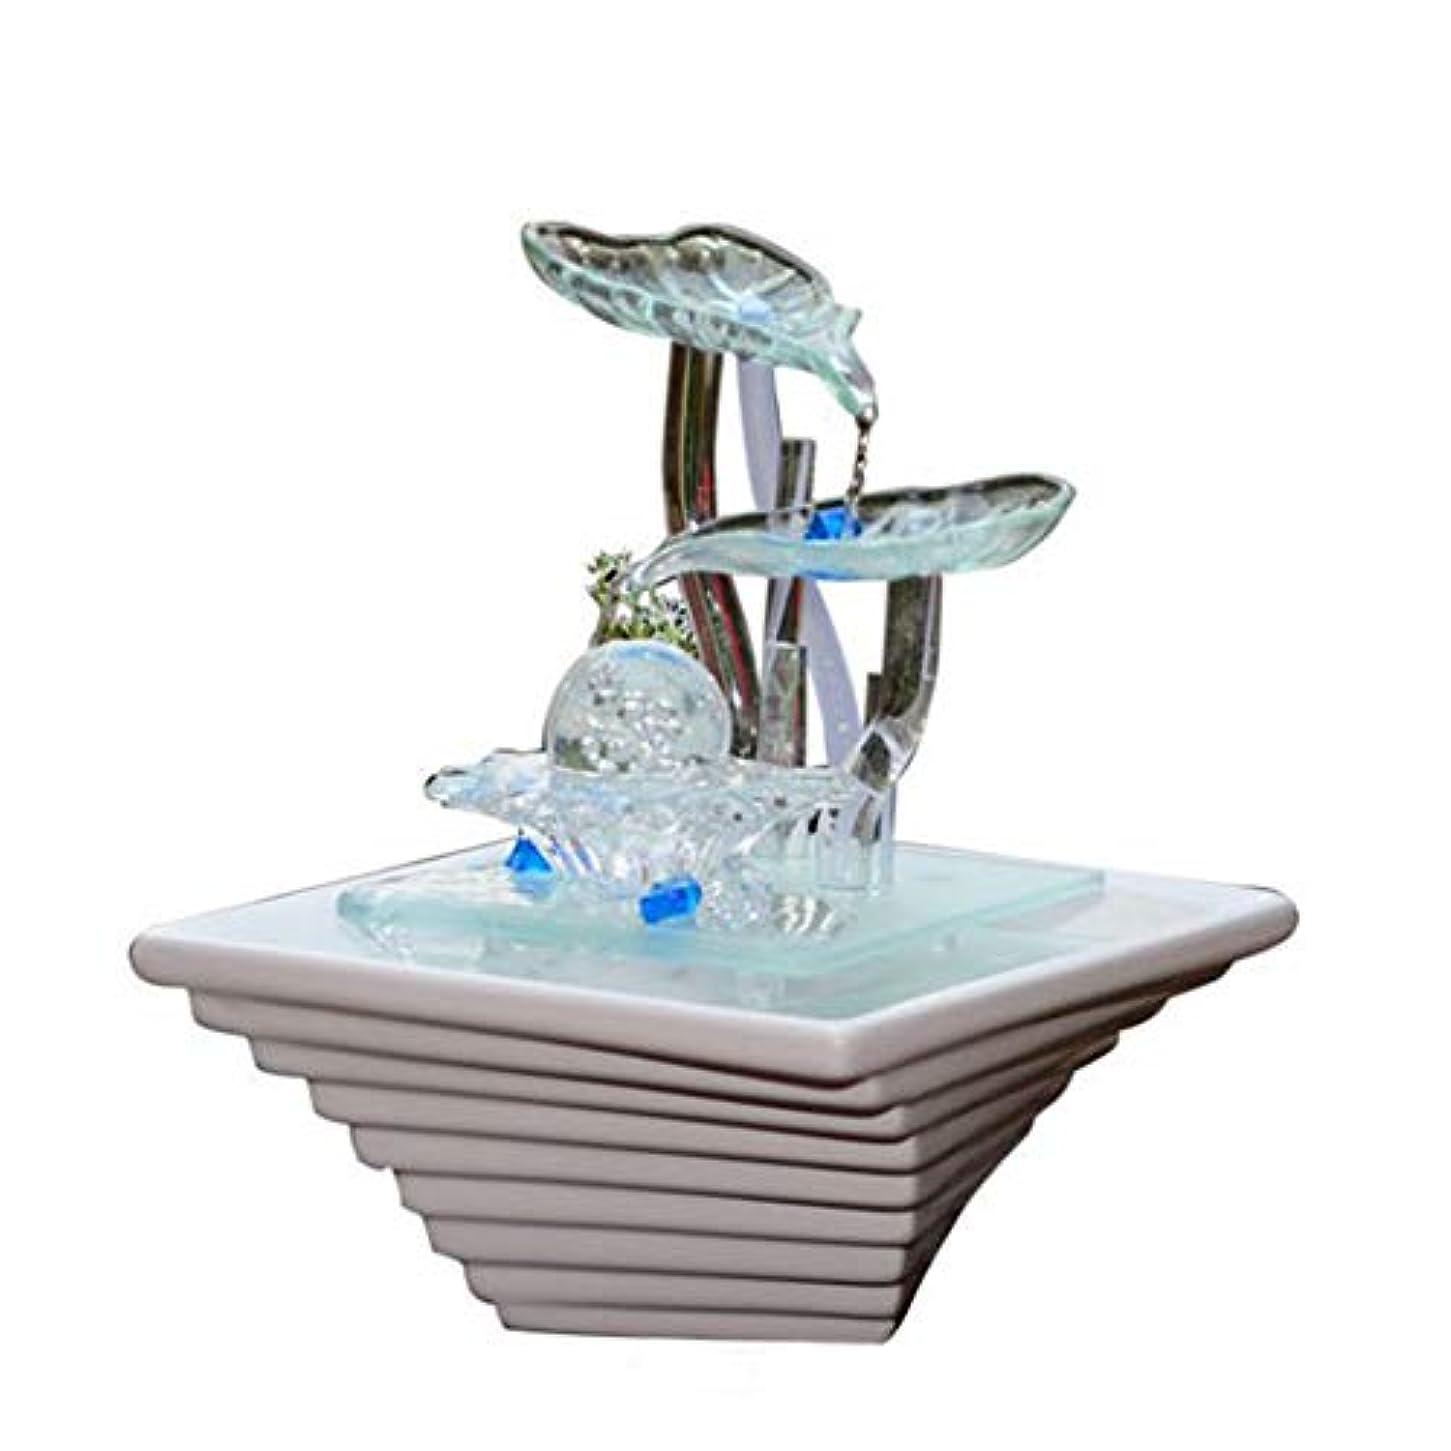 加湿器ホームデスクトップの装飾セラミックガラス工芸品の装飾品噴水装飾品バレンタインデー結婚式の誕生日パーフェクトギフト